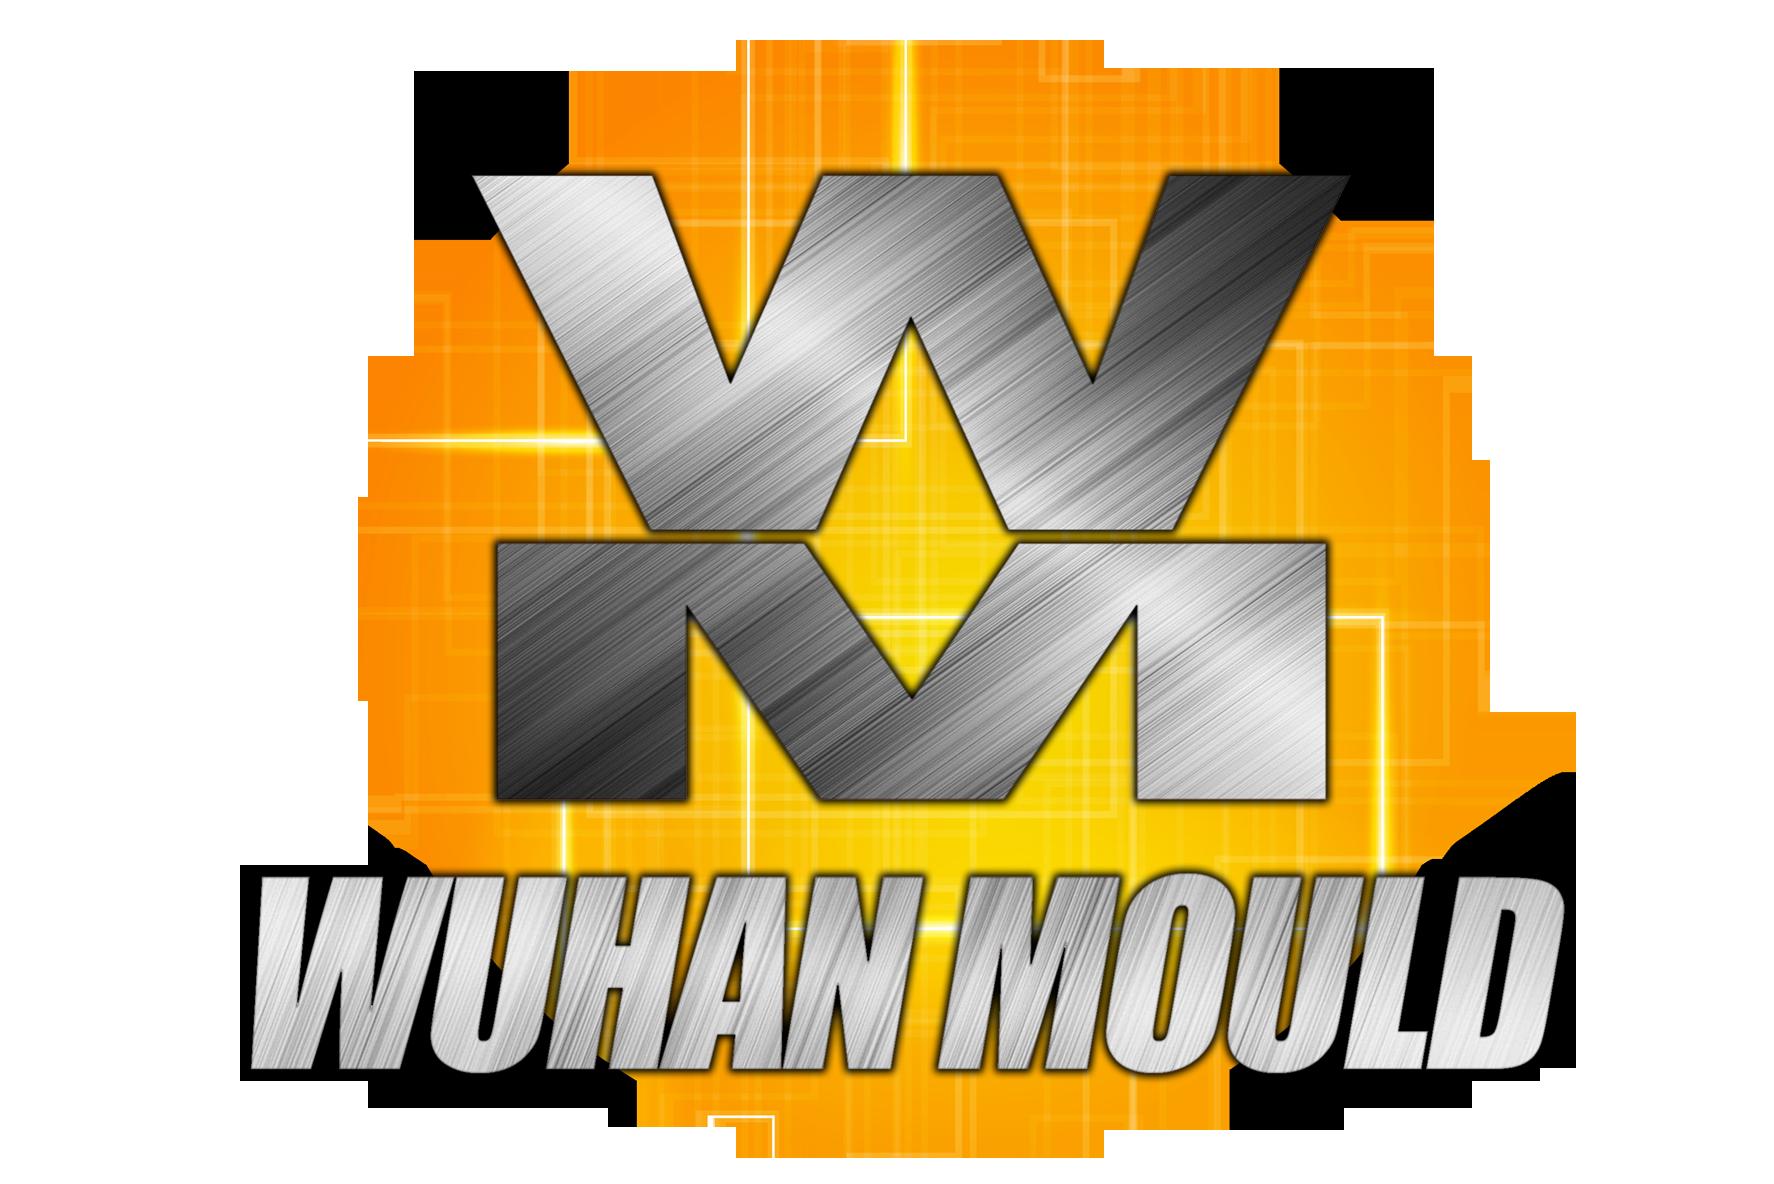 Создать логотип для фабрики пресс-форм фото f_337598c066426f65.png